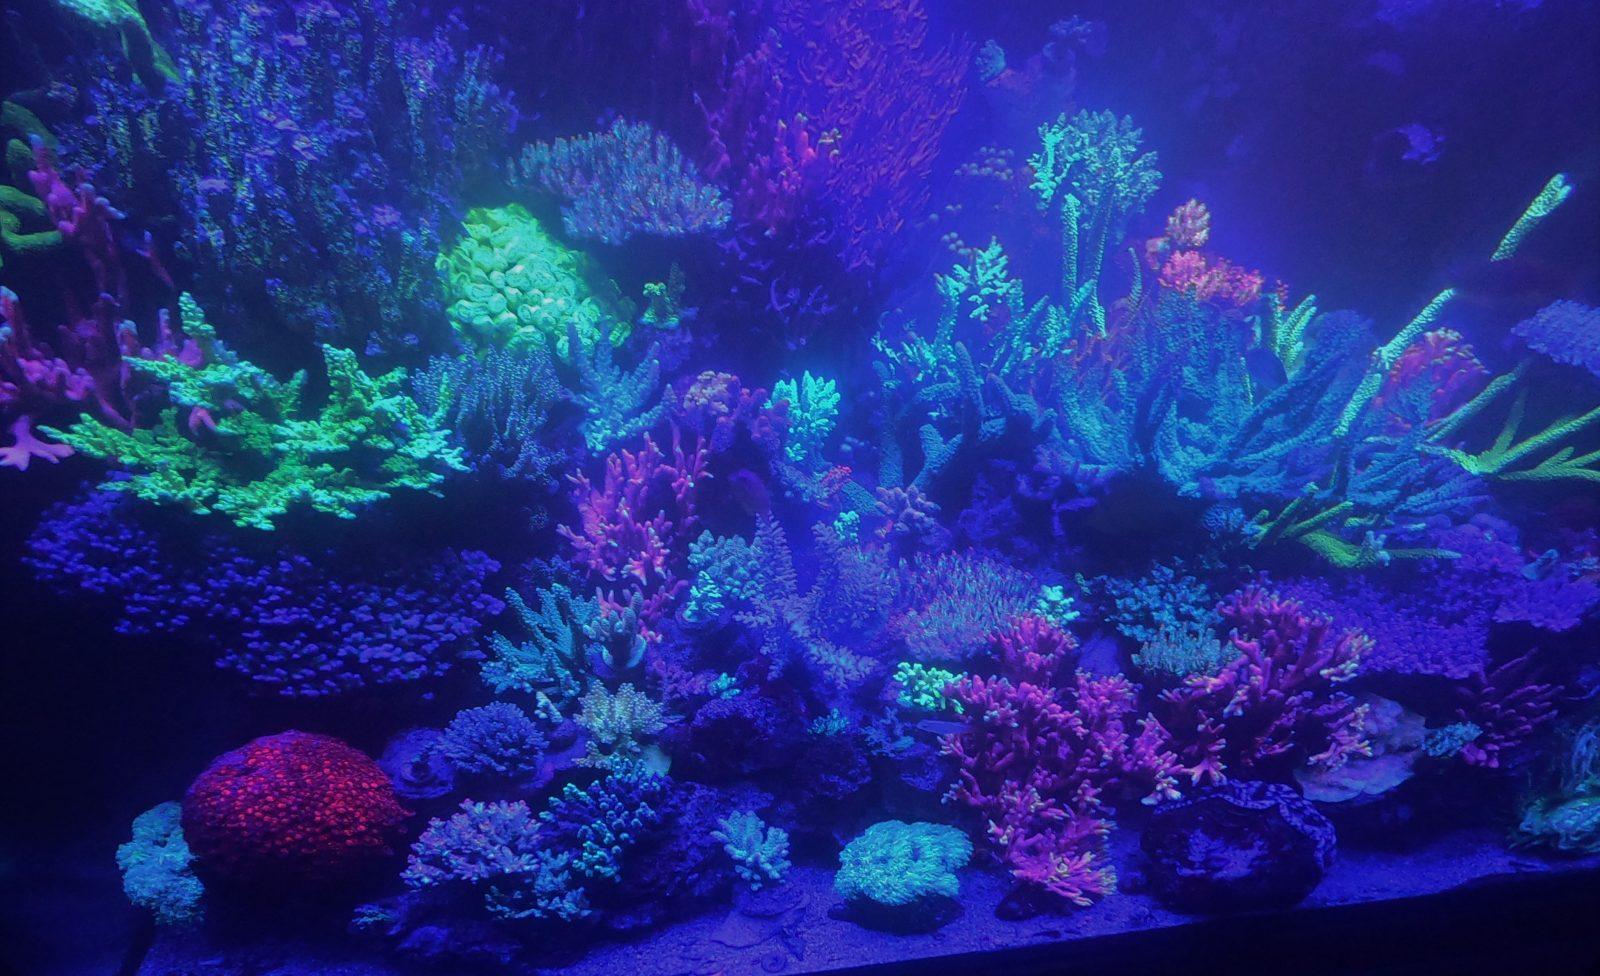 화려한 암초 산호 탱크